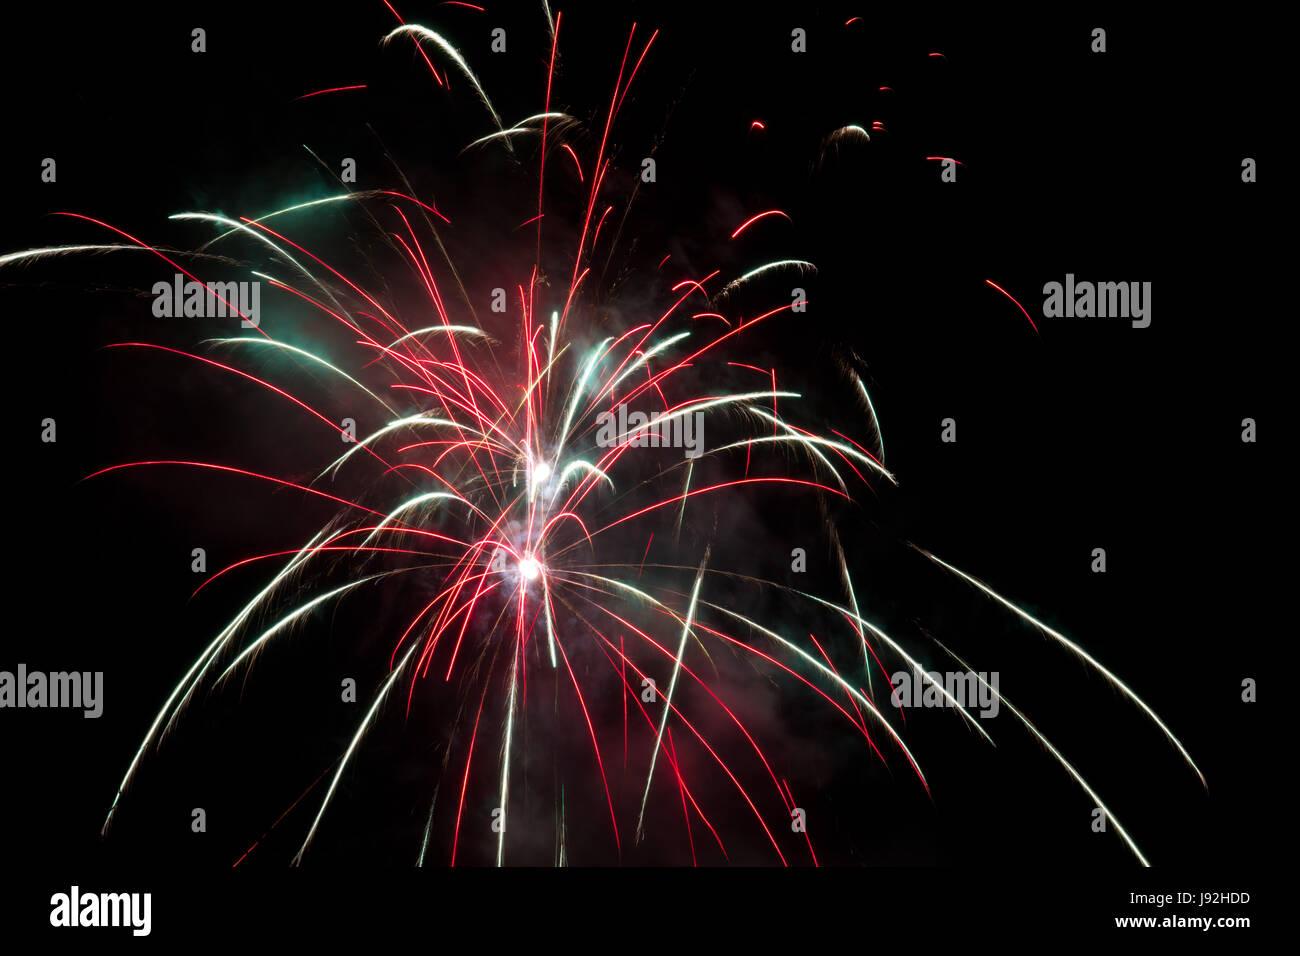 La durée de l'exposition, Silvester, Nouvel An, nouvelle année, rocket, a bientôt, Banque D'Images